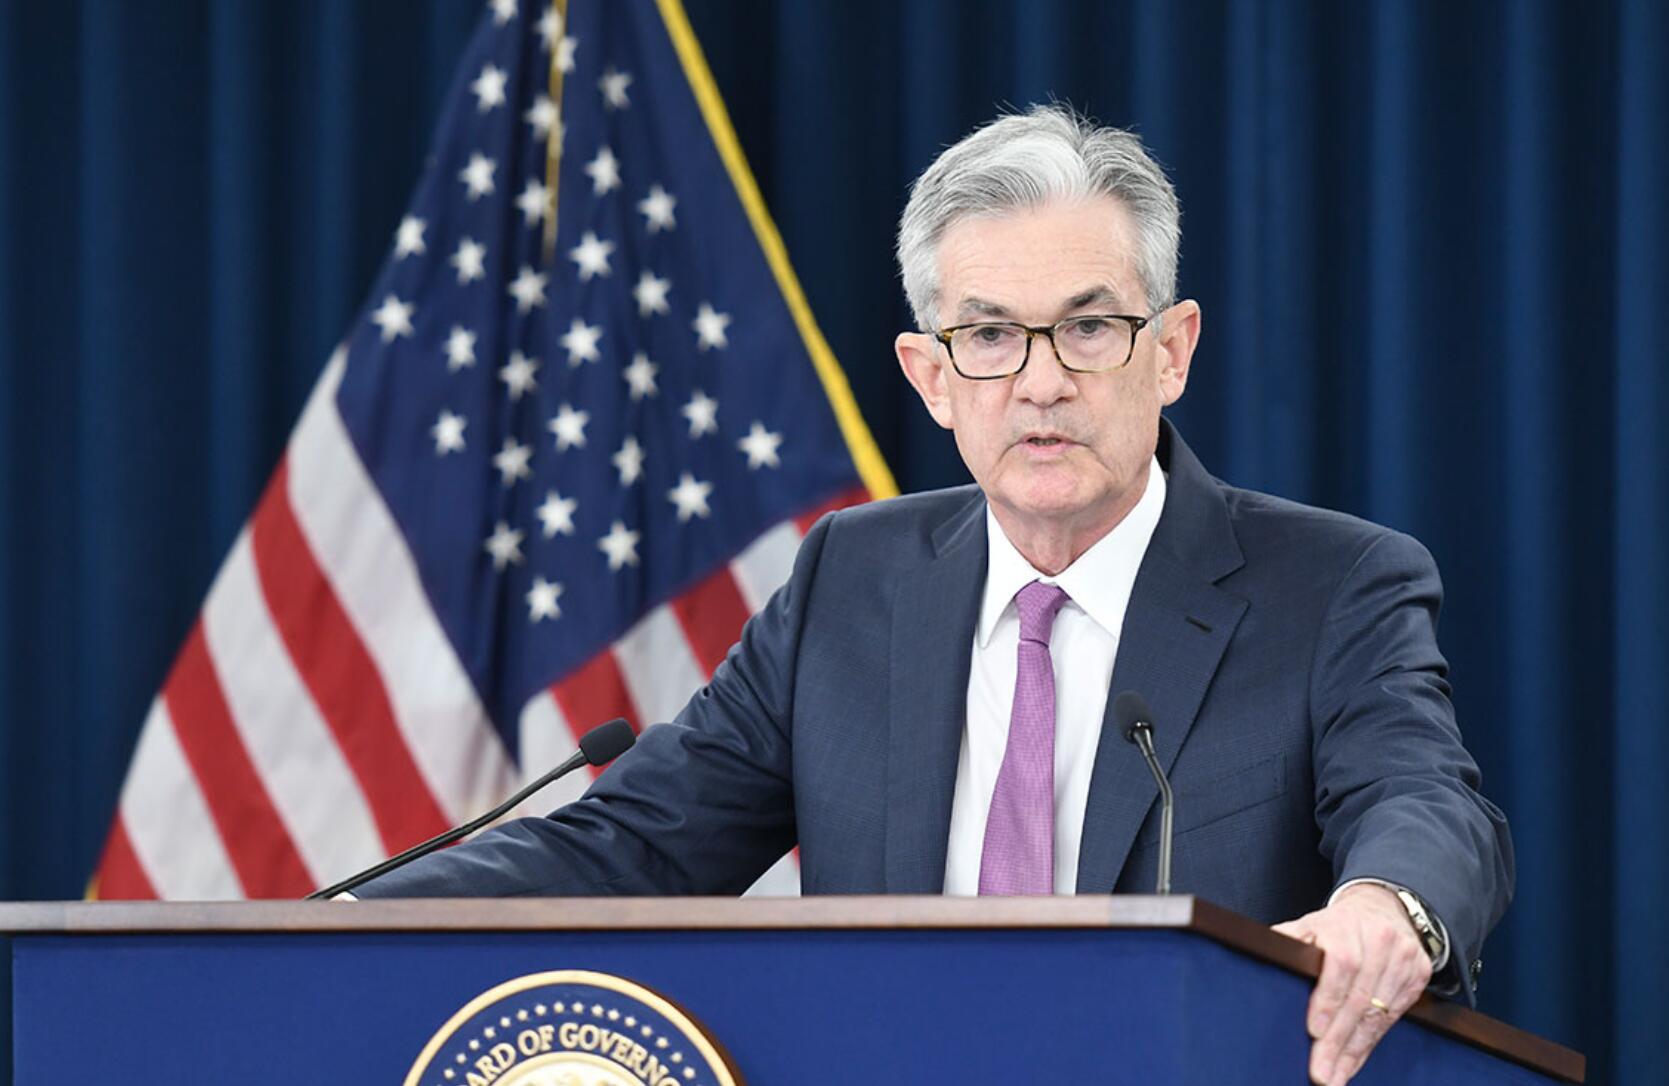 美国准备变脸!股市楼市怎么办?结论就一句话